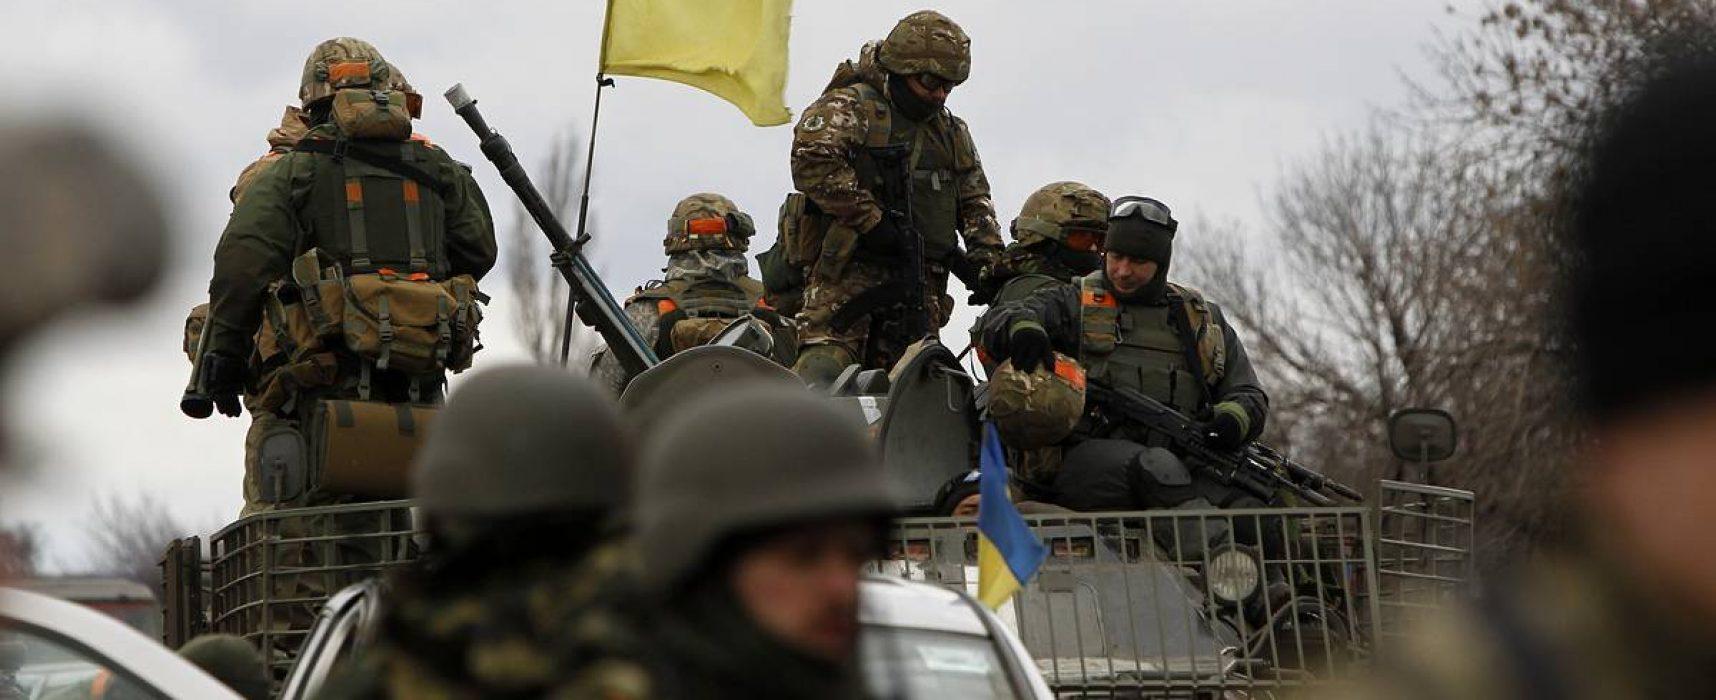 Фейк российских СМИ: украинские войска отступают от границы самопровозглашенной ЛНР из-за проблем со снабжением